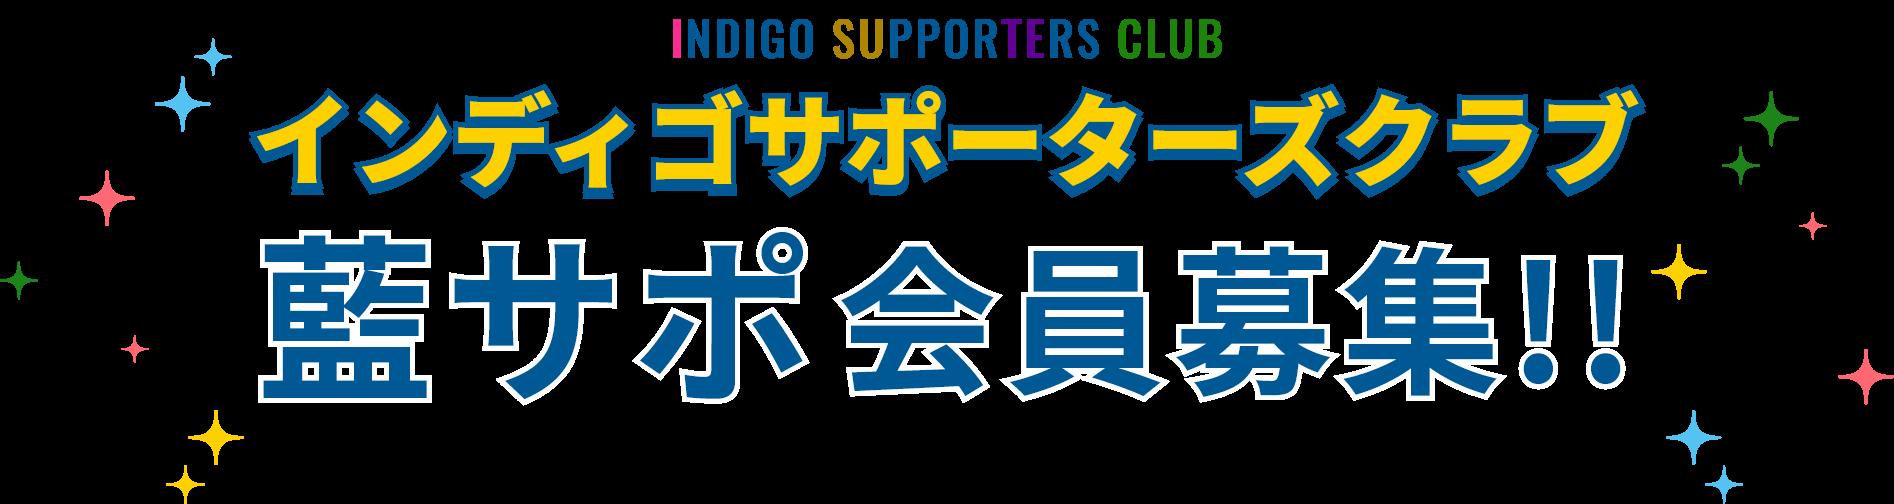 インディゴサポーターズクラブ藍サポ会員募集!!